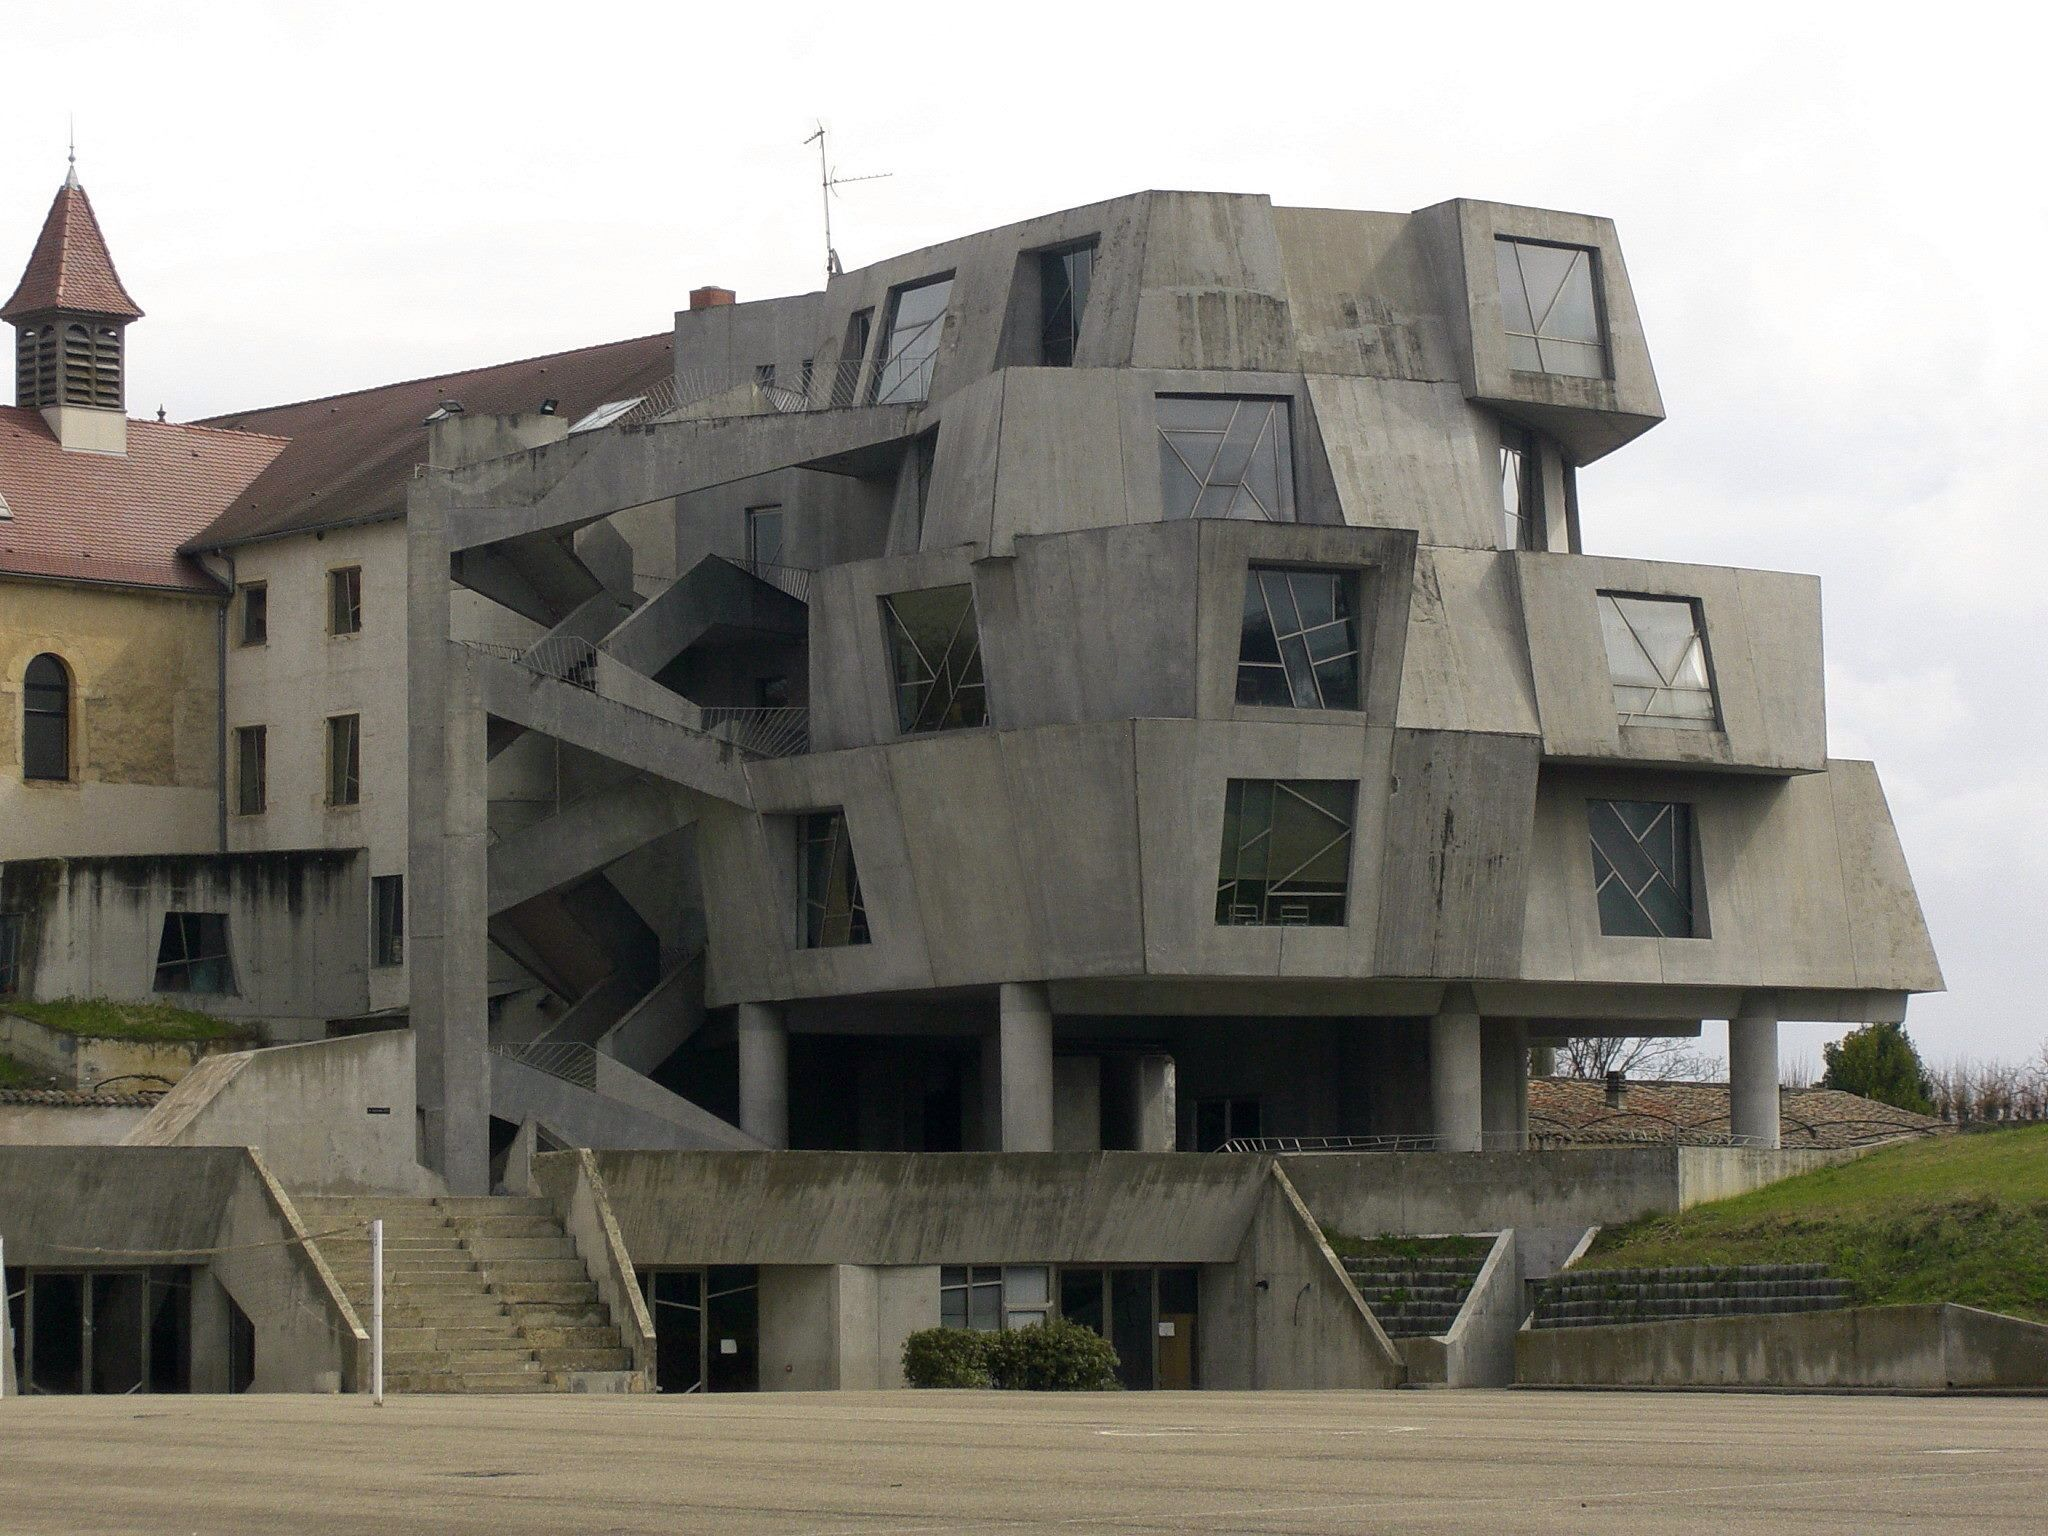 Sainte marie lyon brutalist architecture pinterest for Architecture brutaliste